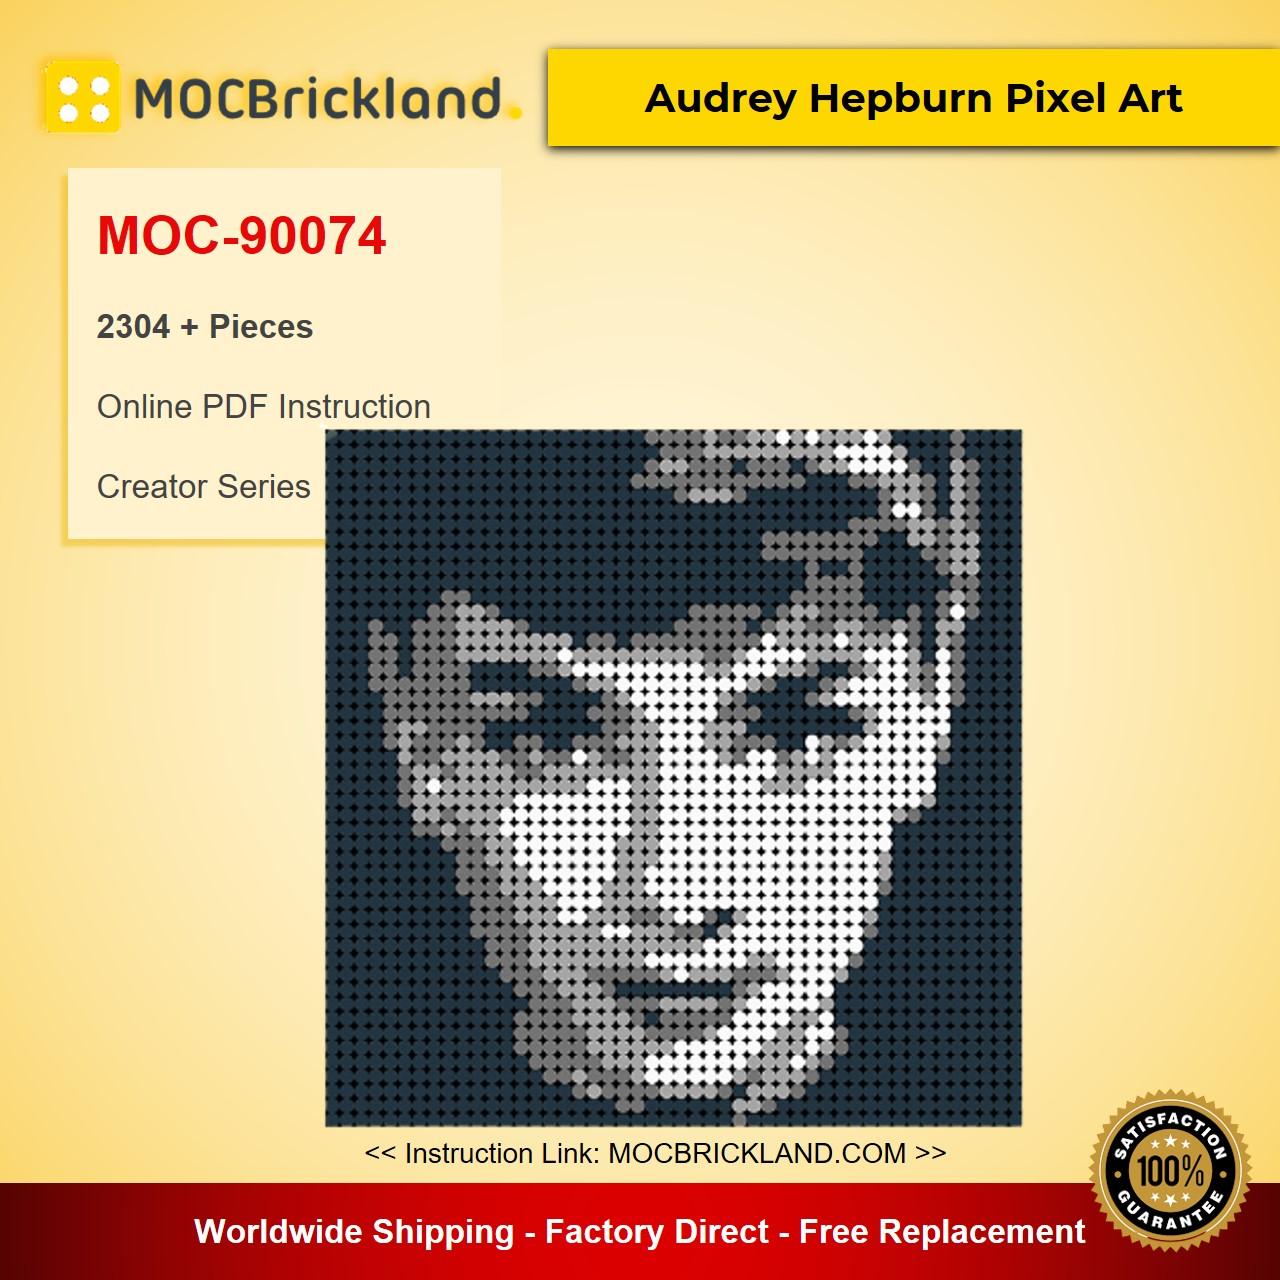 Audrey Hepburn Pixel Art MOC-90074 Creator With 2304 Pieces